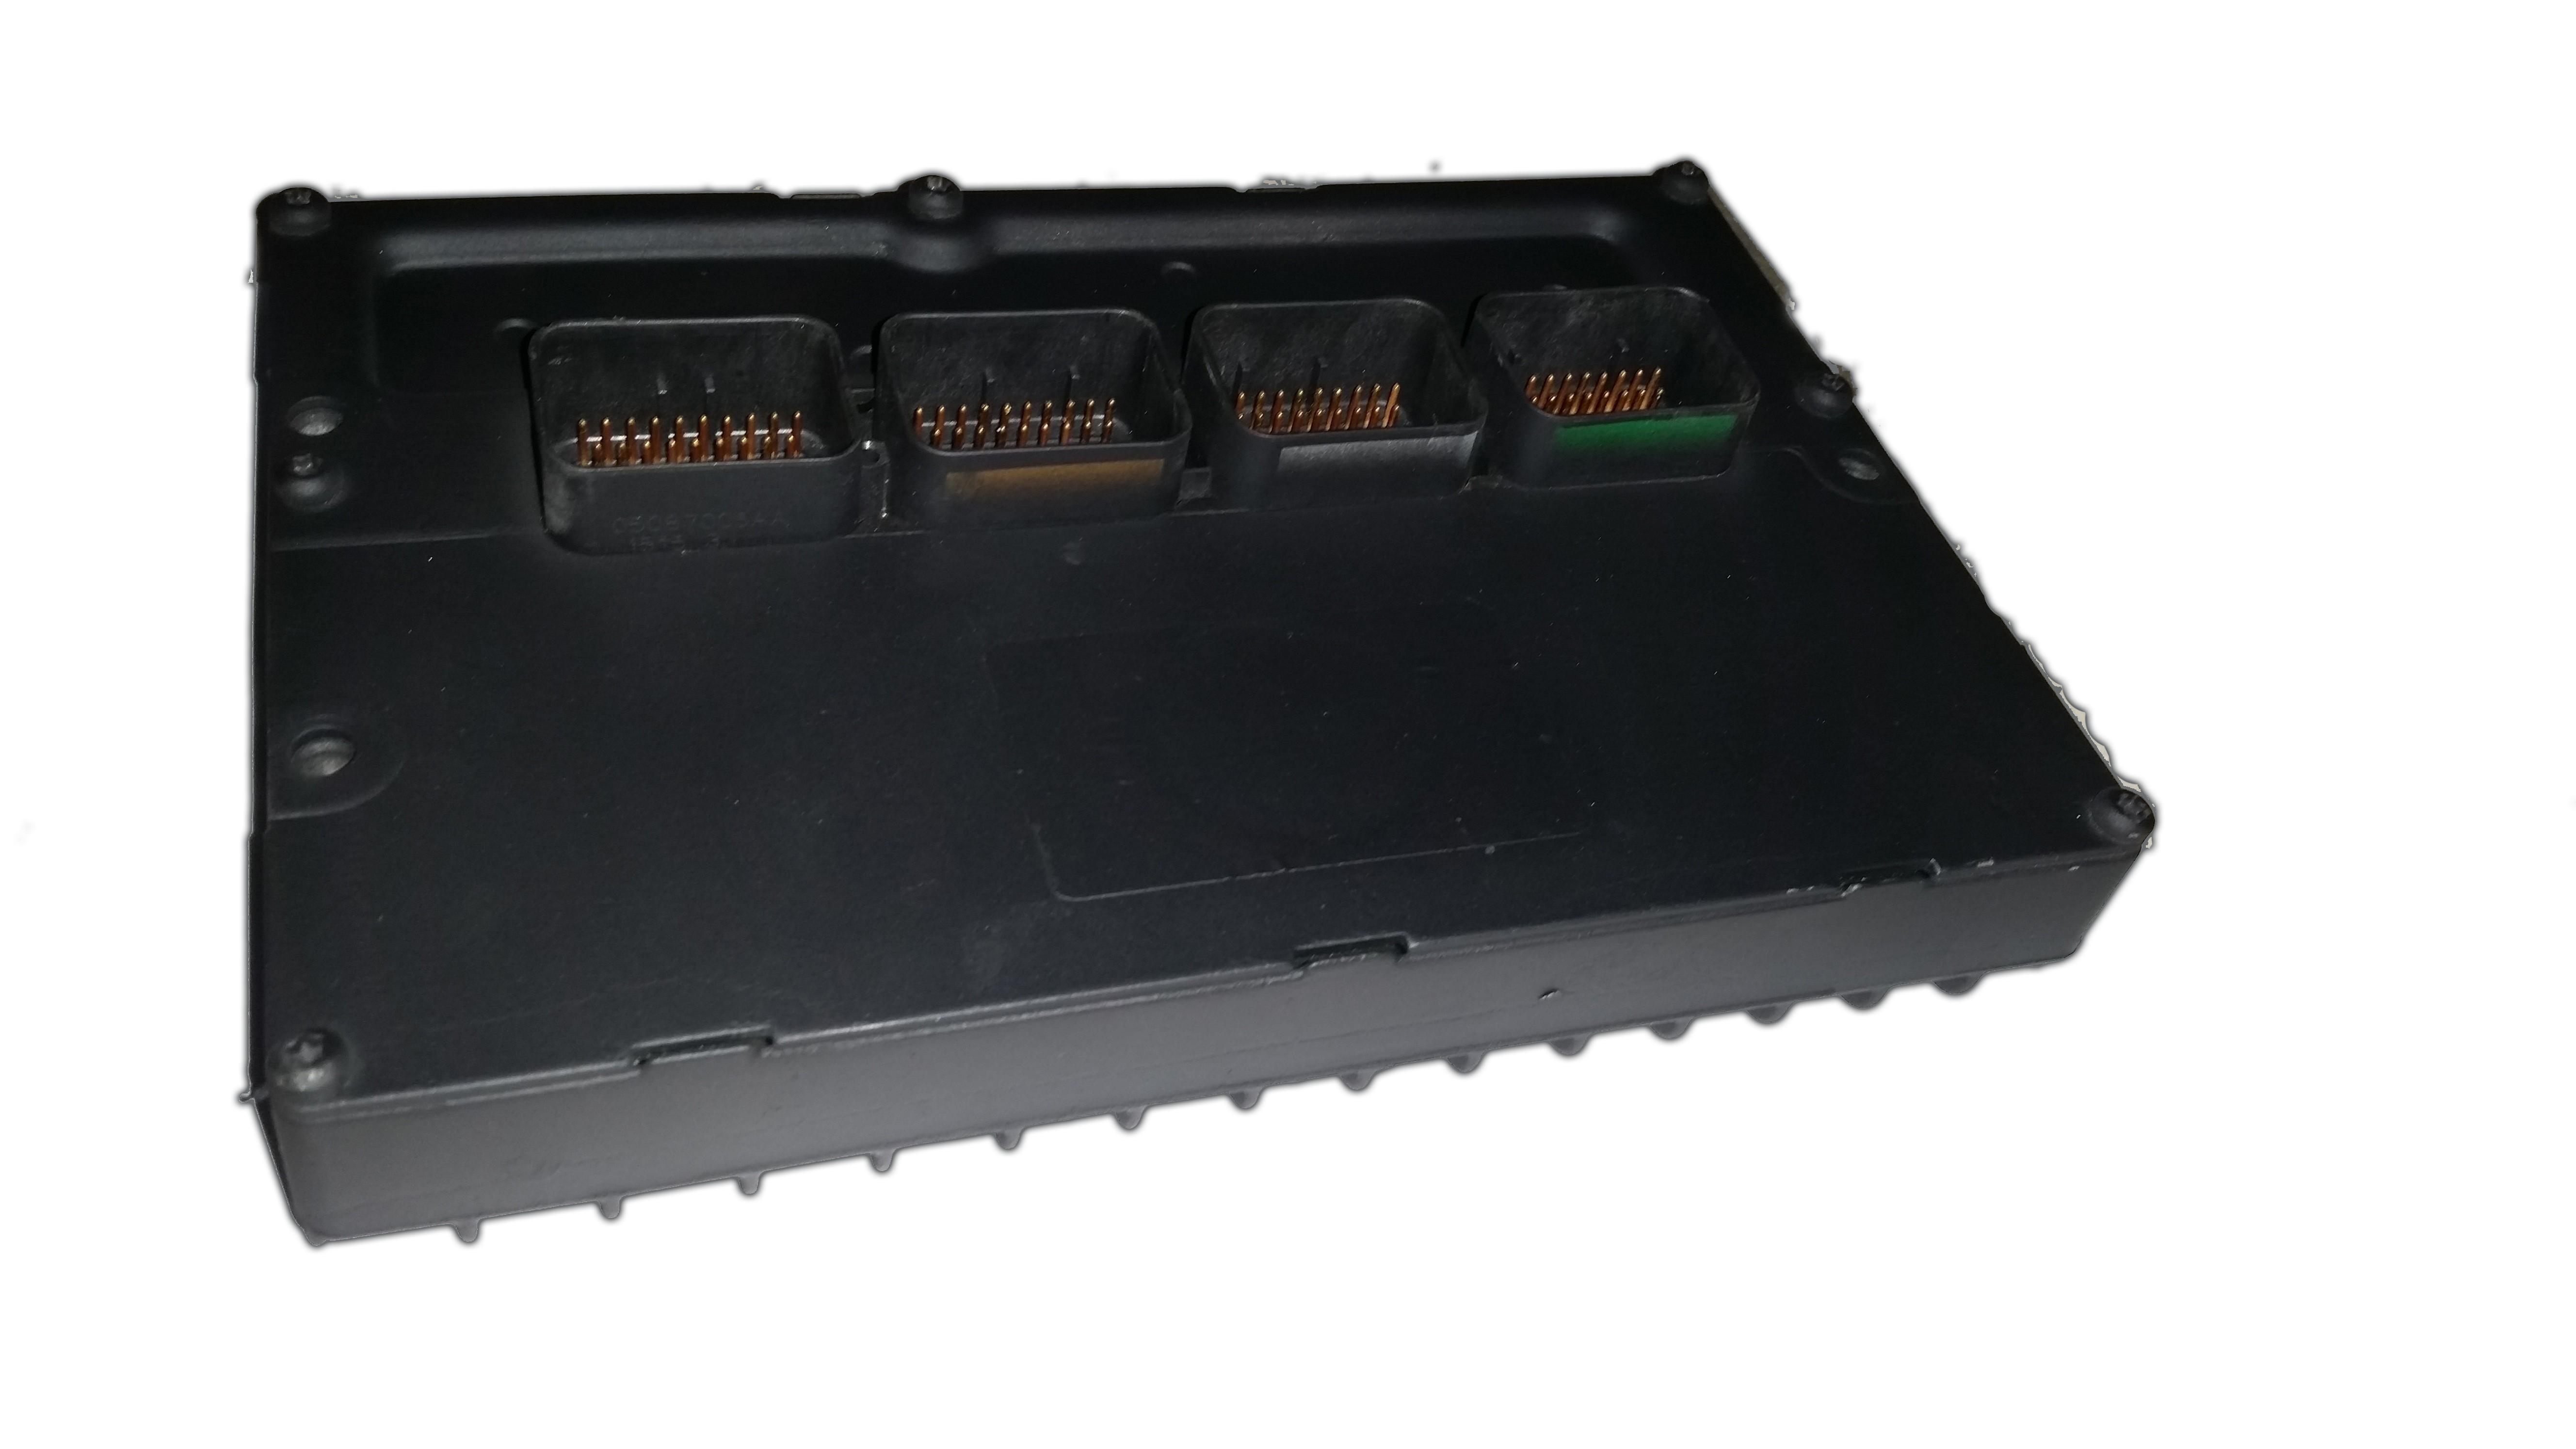 2009 Jeep Commander 5.7L V8 Gas PCM / ECU / ECM Engine Computer